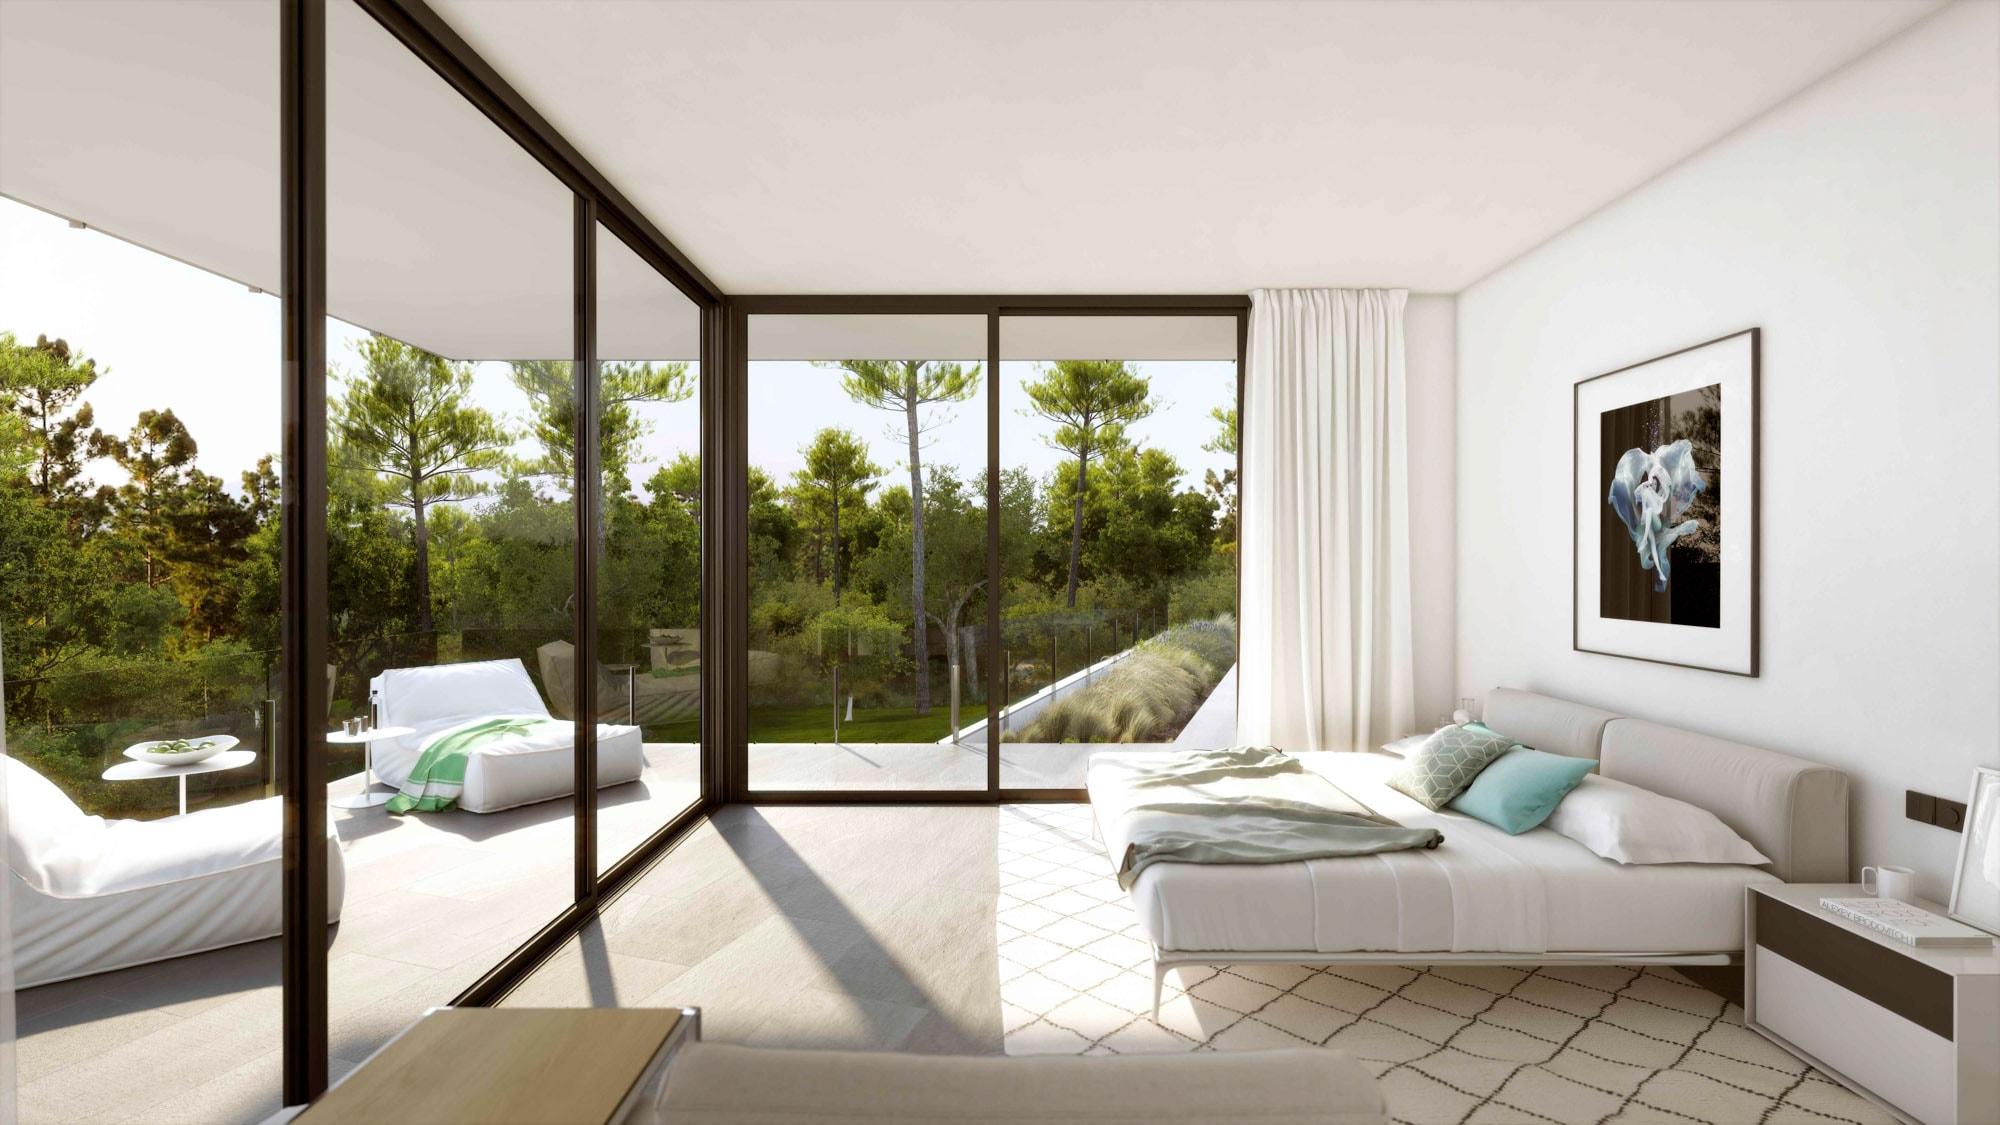 PGA Catalunya Resort: Setting für den Luxusurlaub, exklusiven Lifestyle und das Immobilien-Investment 16